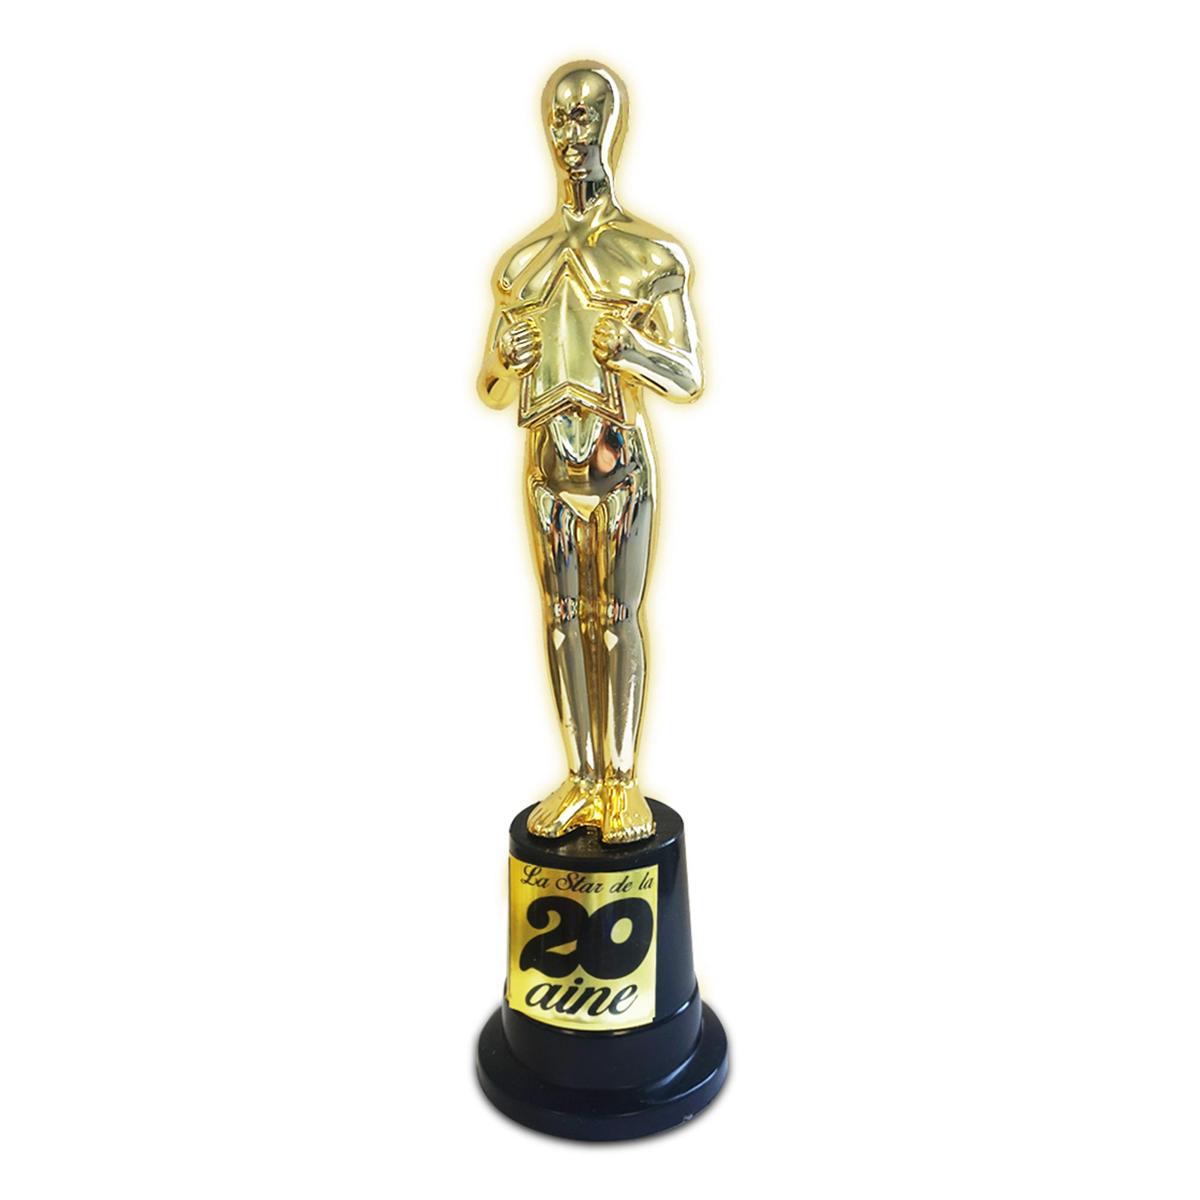 Trophée de star \'20 ans\' doré - 23x6 cm - [N4127]